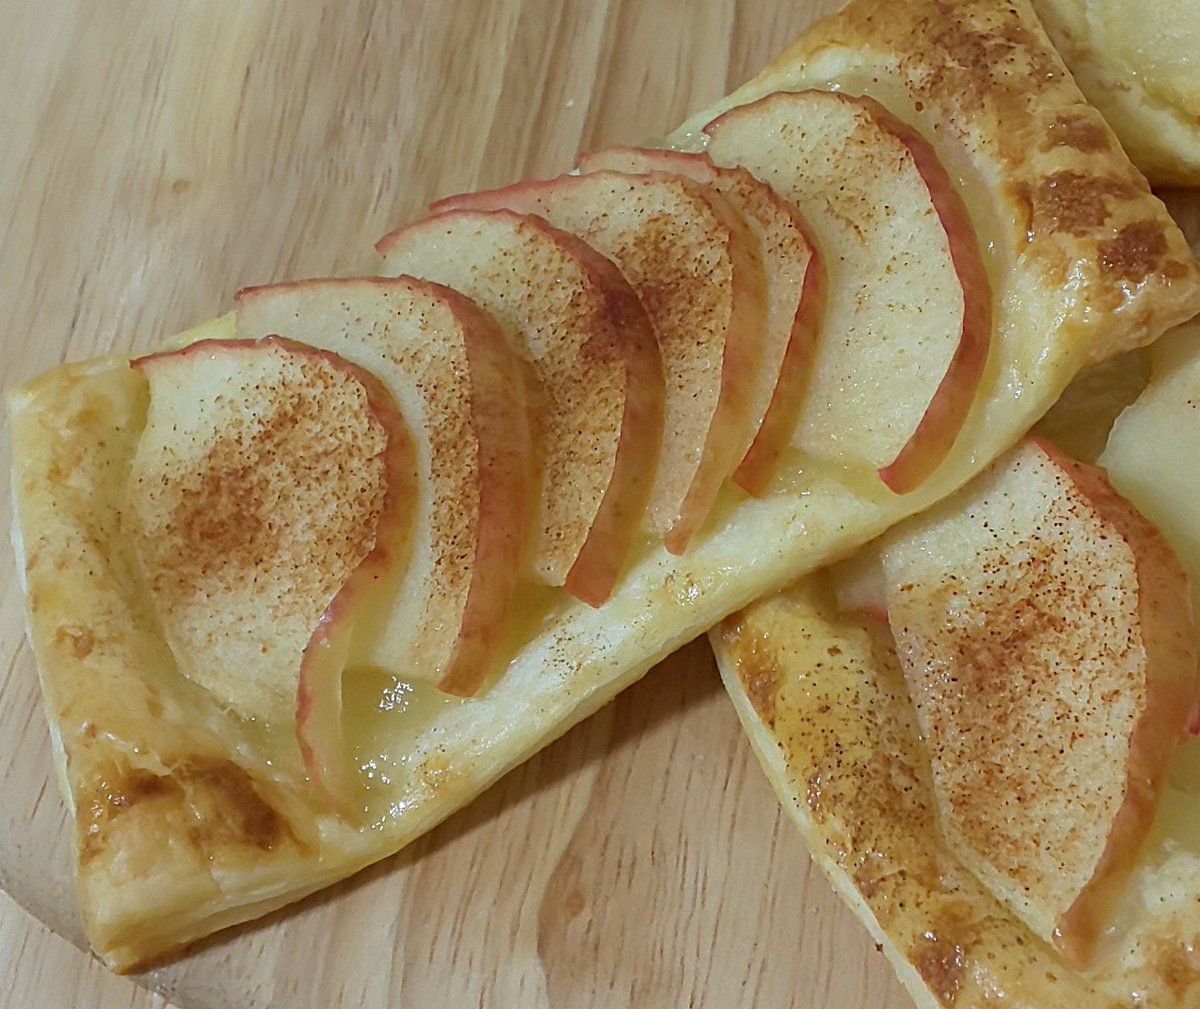 このパイ生地レシピ気になってて作ってみたらめっちゃ簡単でおいしい!これはまたやる!!さっぱりしたパイ生地って感じです。